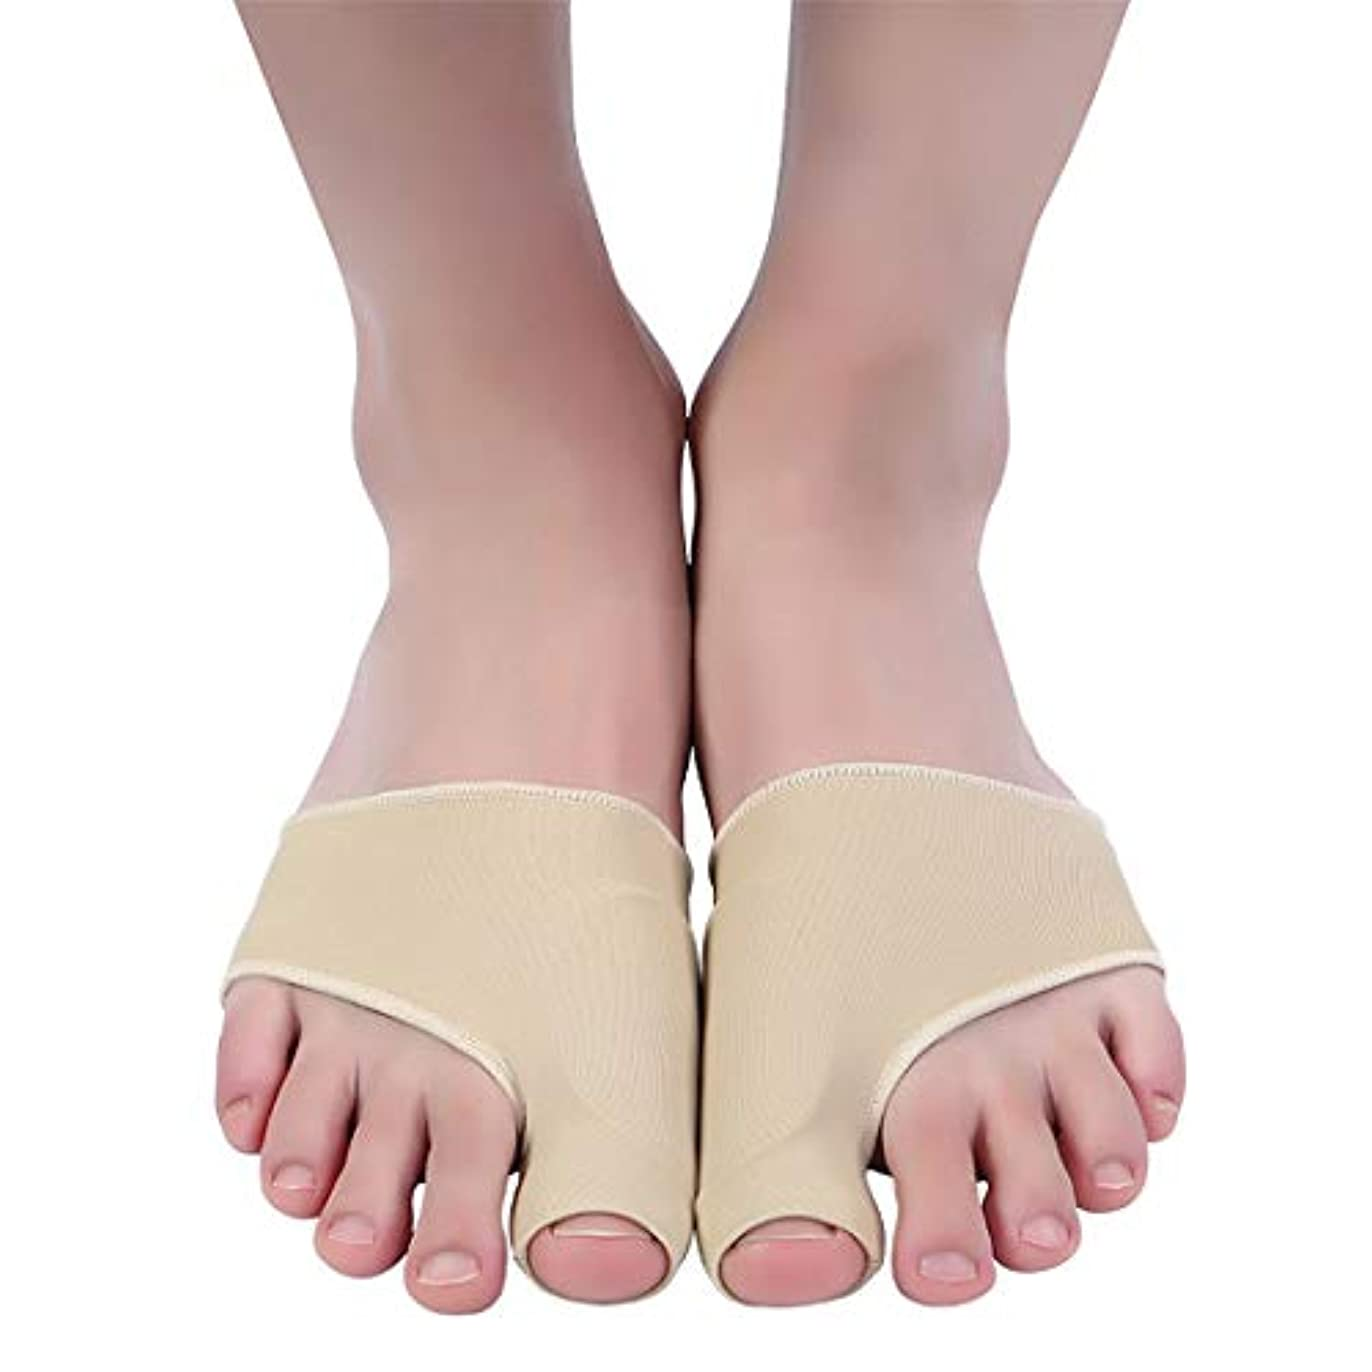 中級マージ奴隷腱膜瘤矯正と腱膜瘤救済、女性と男性のための整形外科の足の親指矯正、昼夜のサポート、外反母Valの治療と予防,womenS